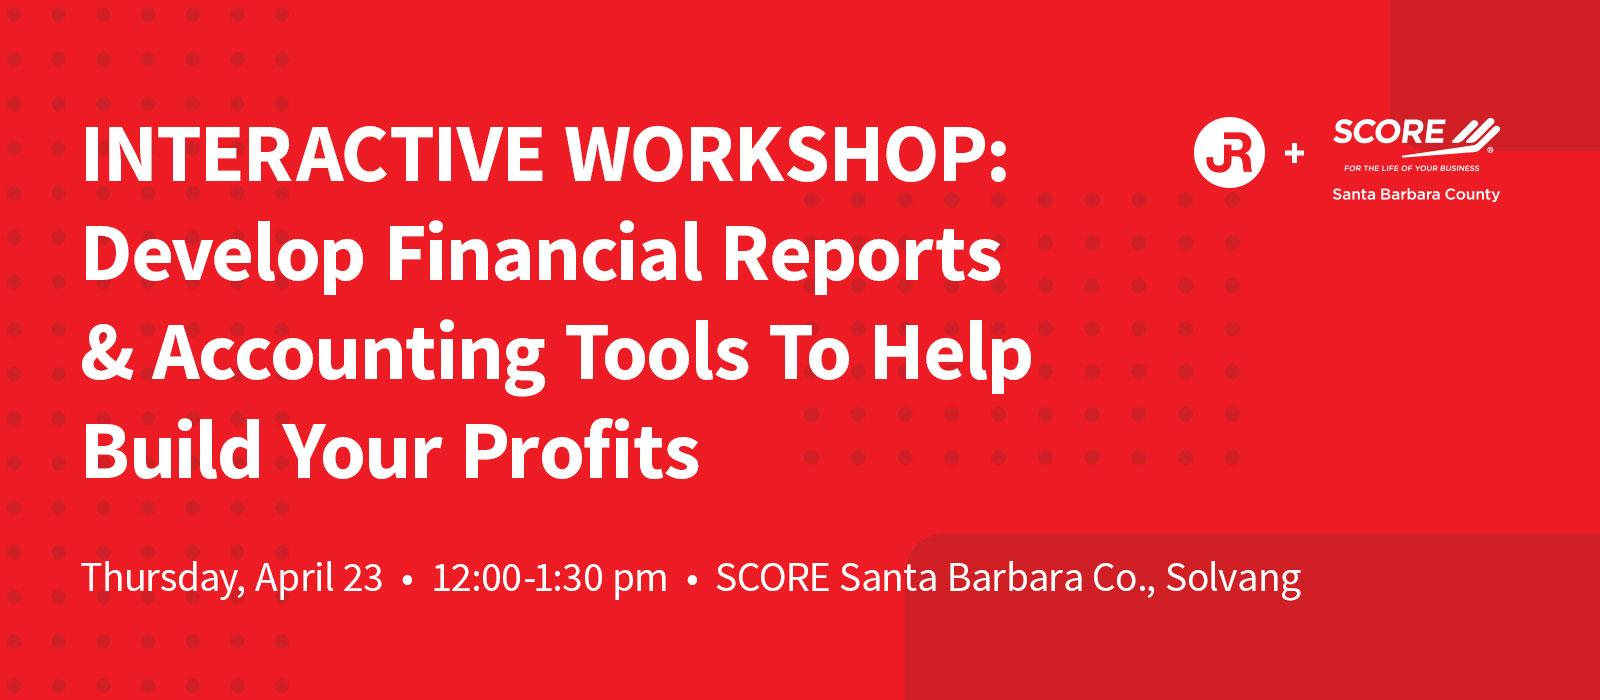 4.23.20 -- Interactive Accounting Workshop -- SCORE Santa Barbara Co. Solvang